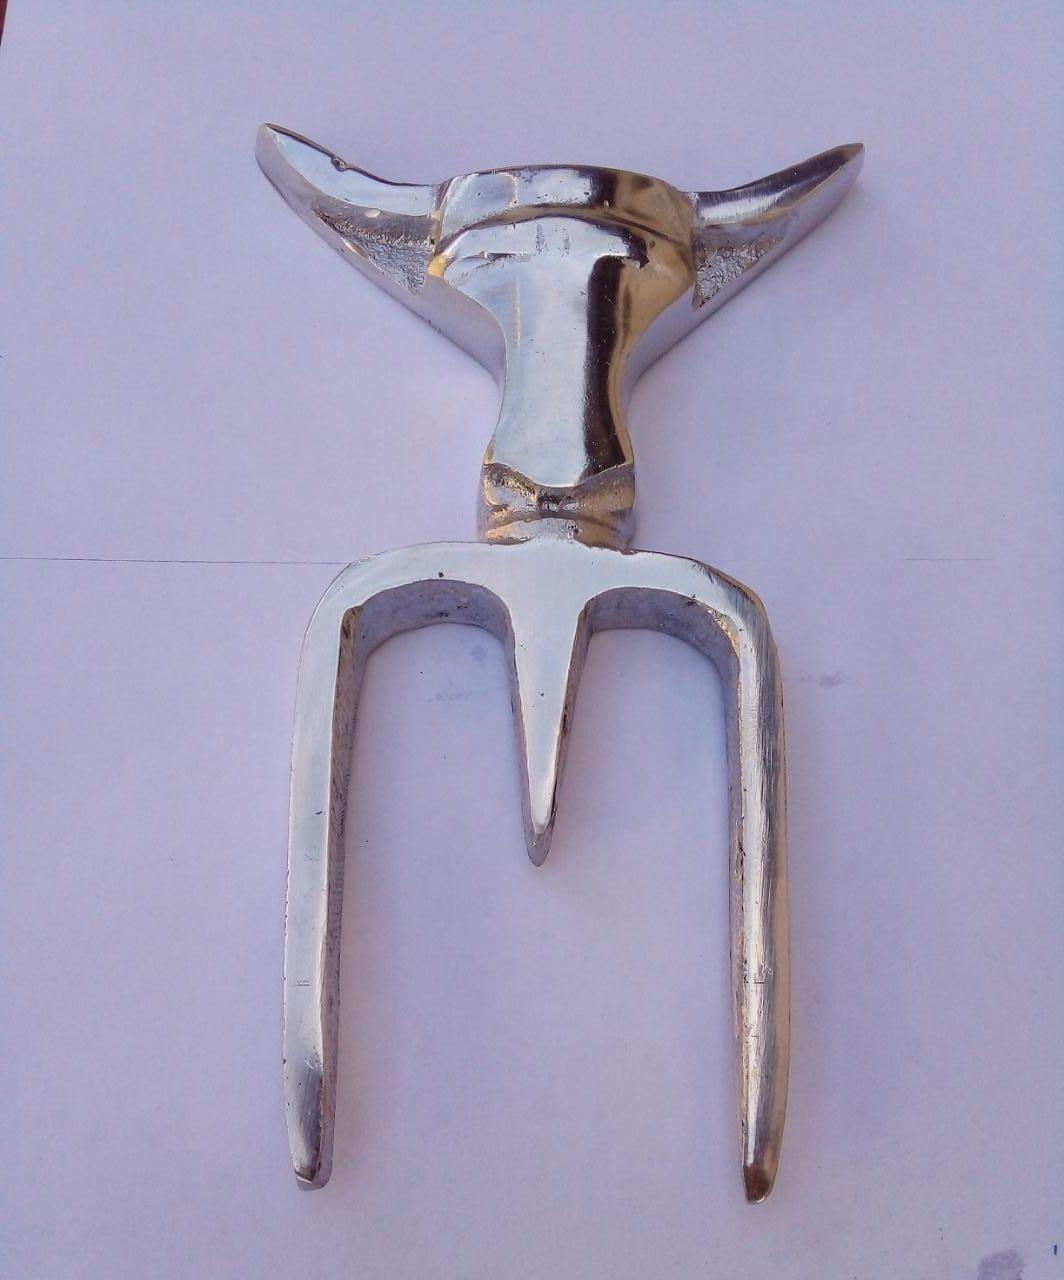 Jogo Garfo Tridente 2 peças Alumínio Fundido para Churrasco 16 cm